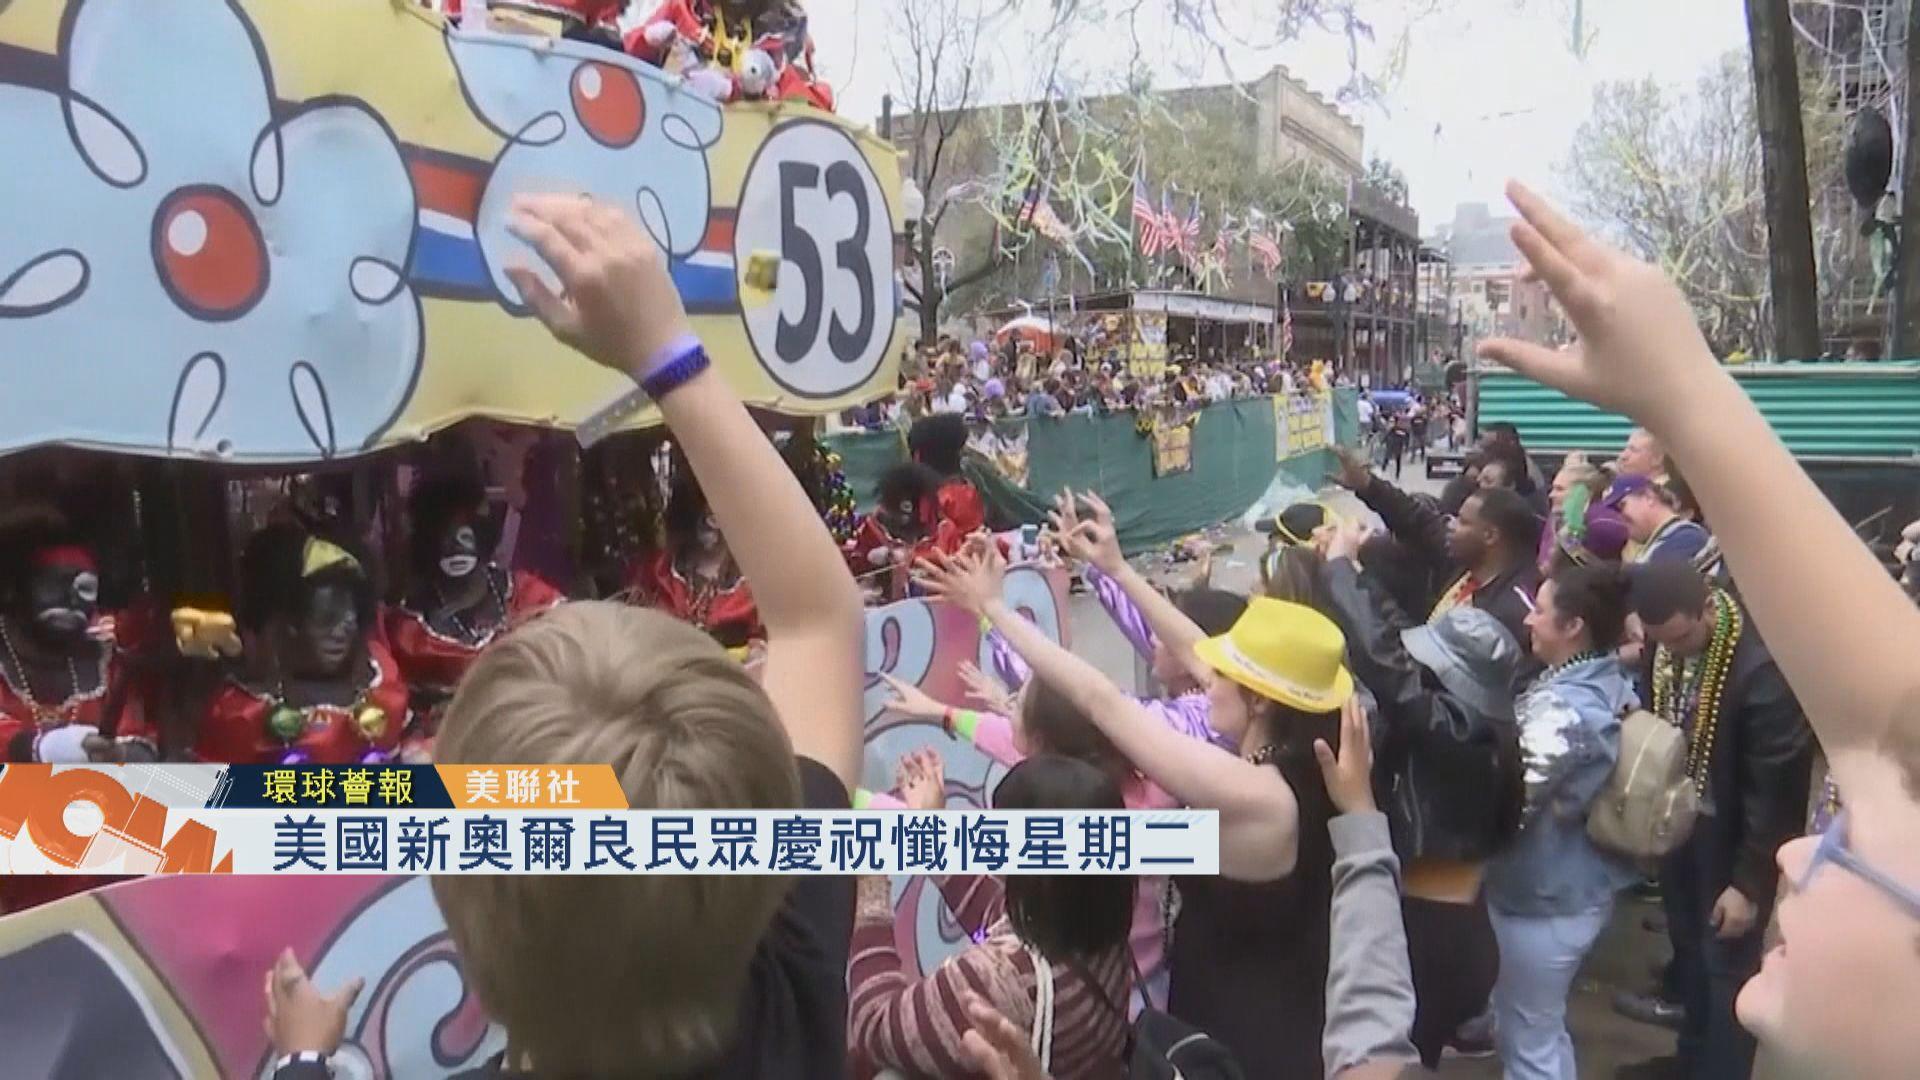 【環球薈報】新奧爾良民眾慶祝懺悔周二 惟遇車禍